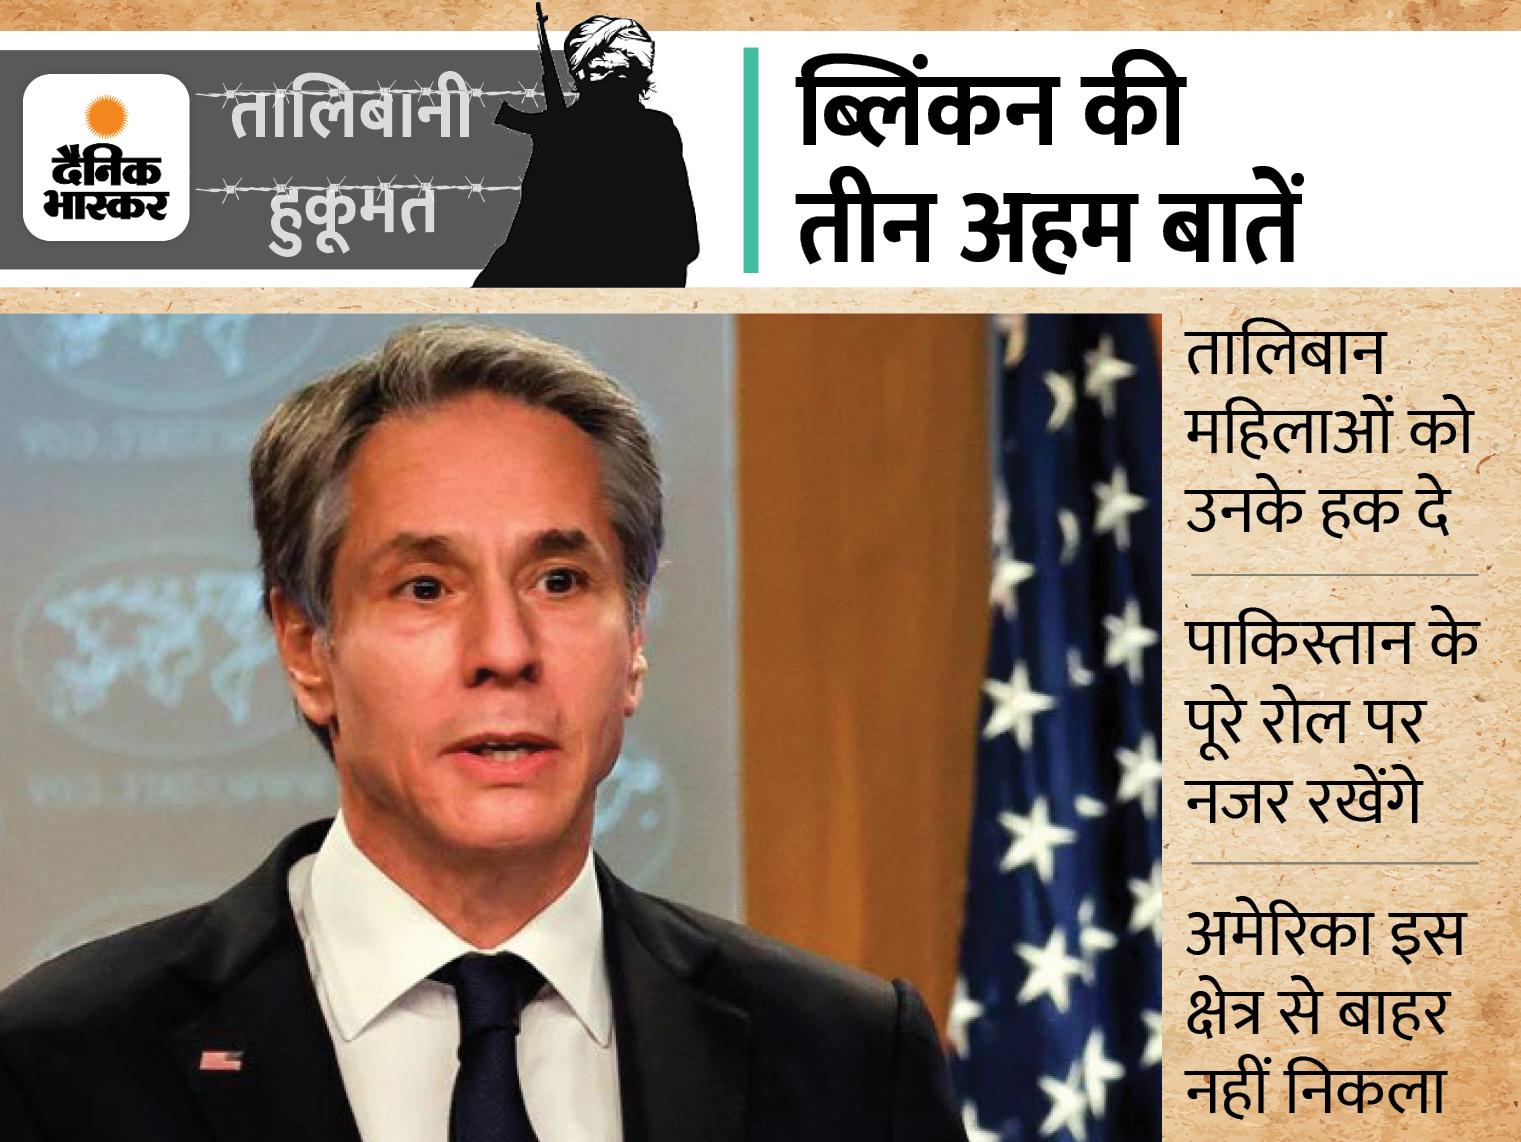 अमेरिका ने कहा- तालिबान जब तक वादे पूरे नहीं करता तब तक उसे मान्यता न दे इमरान सरकार, हमारी हर मामले पर पैनी नजर|अफगान-तालिबान,Afghan-Taliban - Dainik Bhaskar